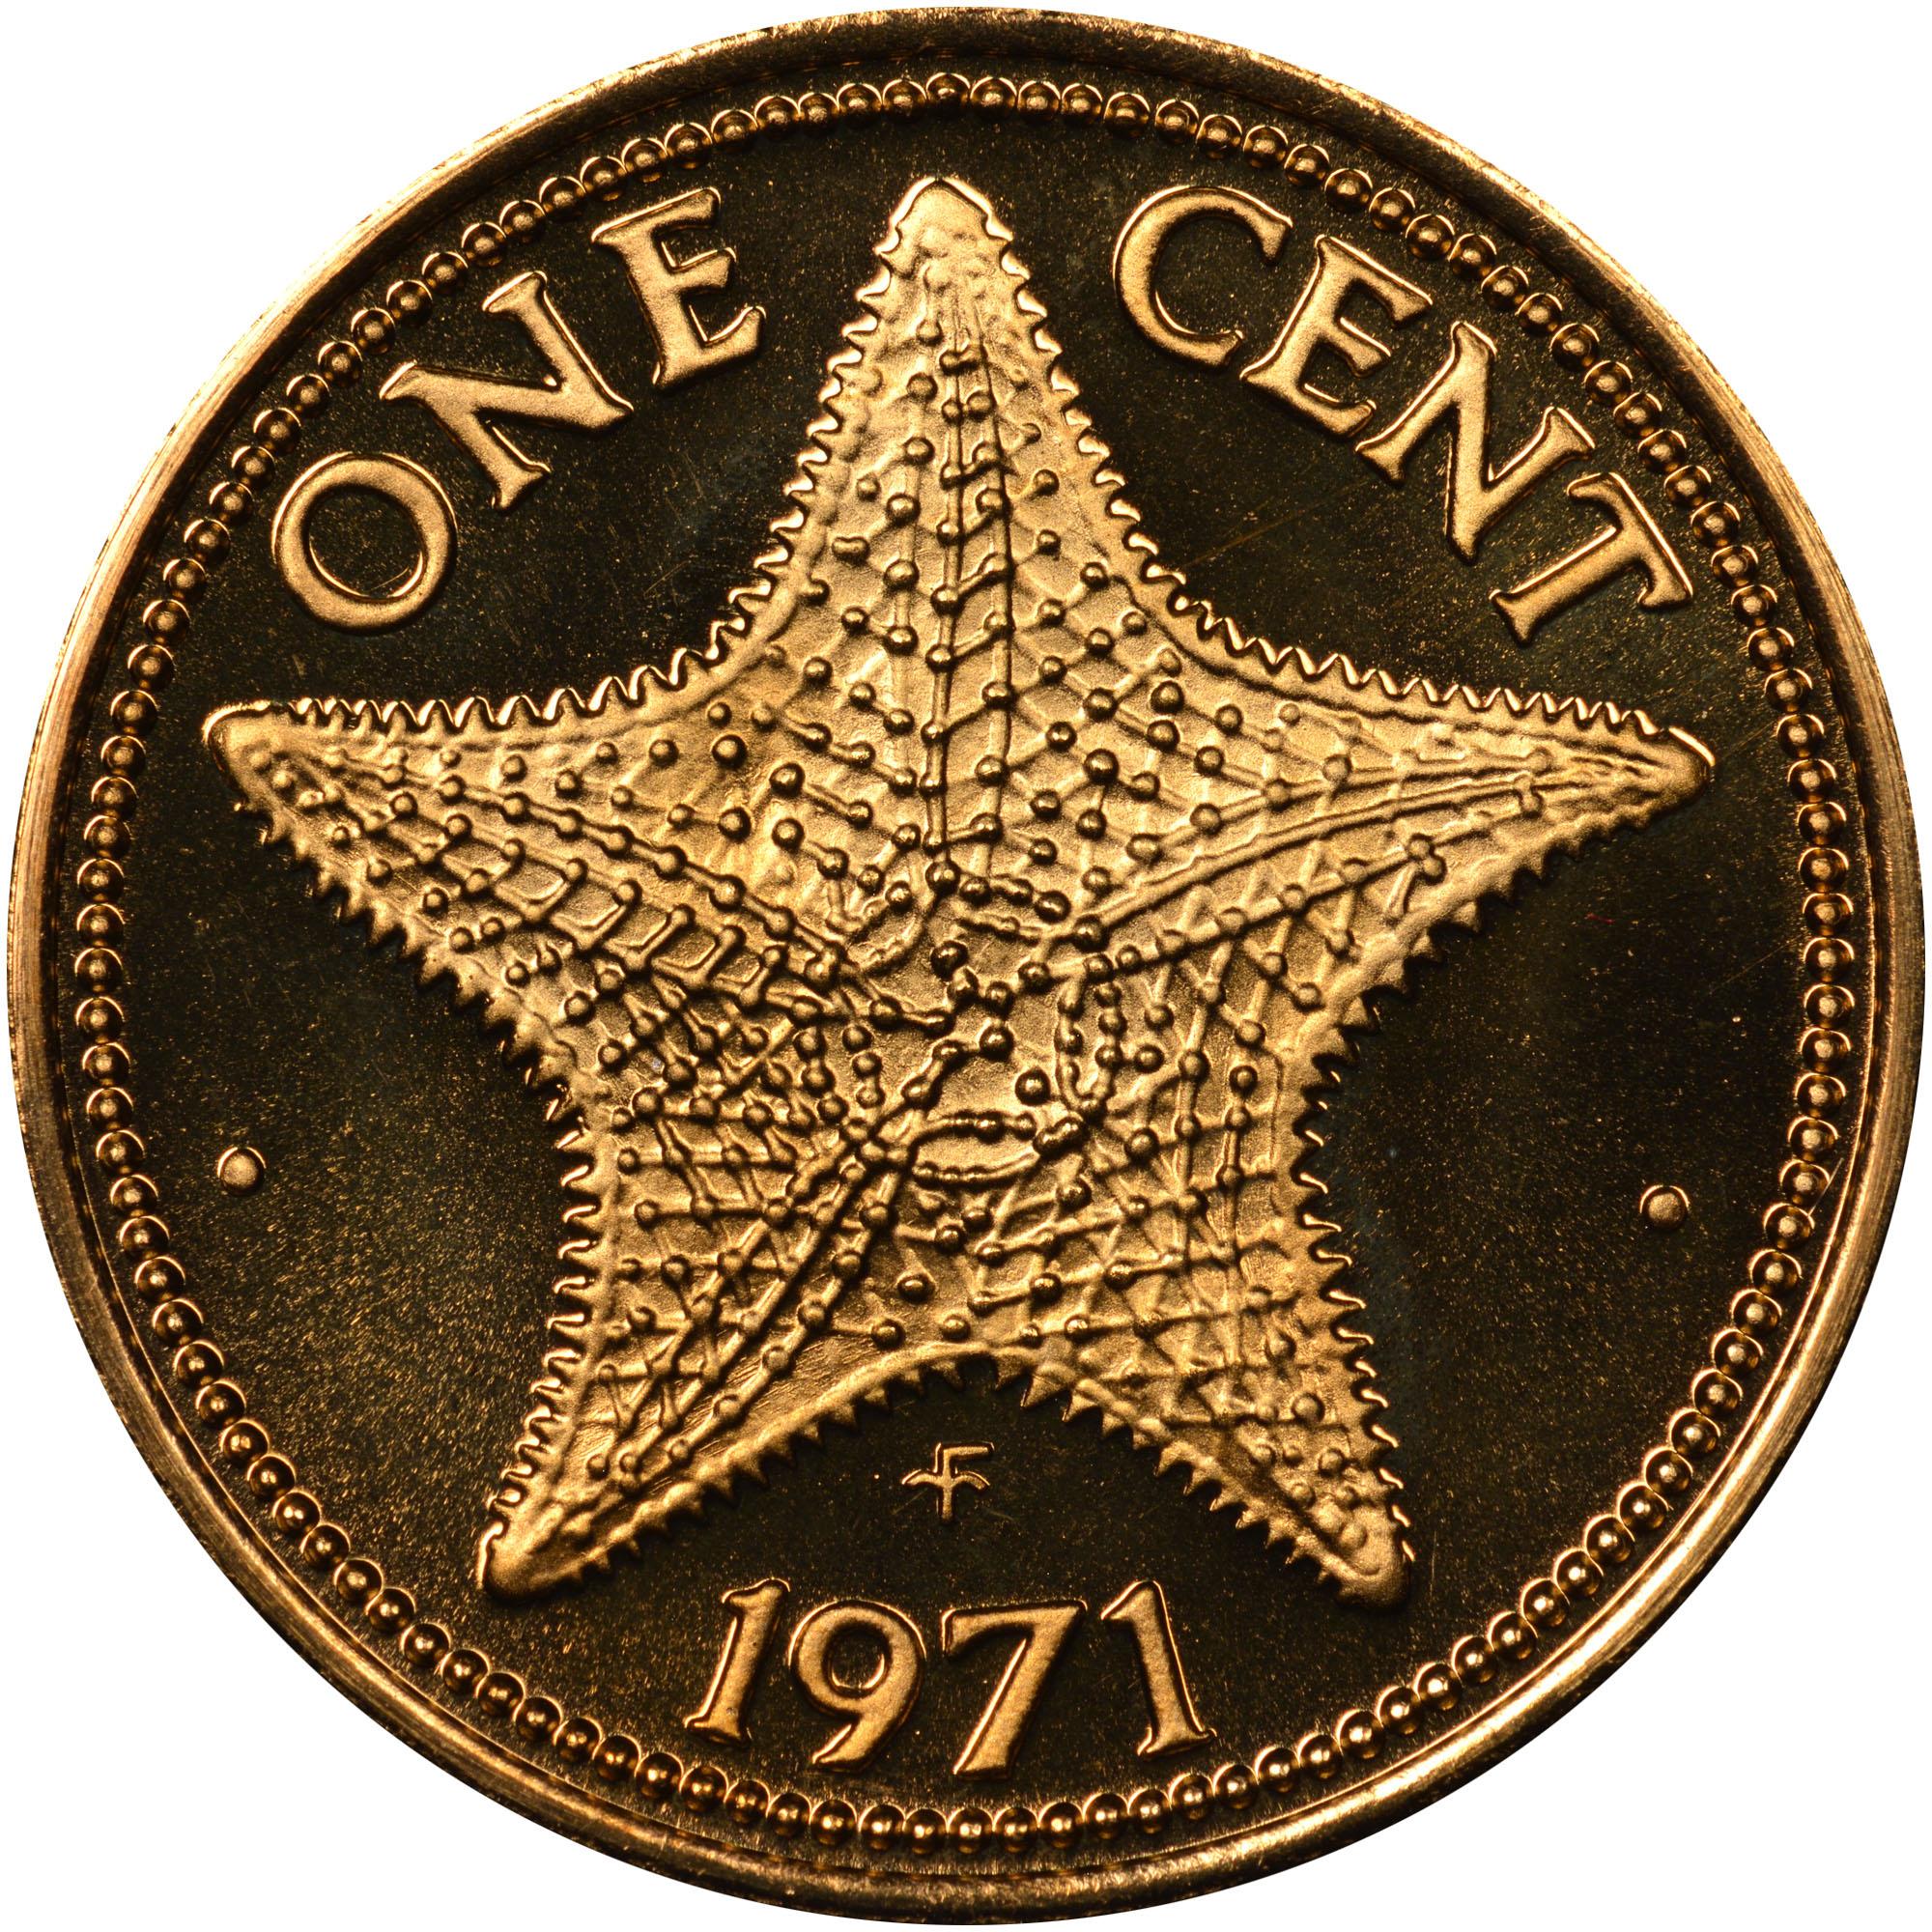 1971-1973 Bahamas Cent reverse